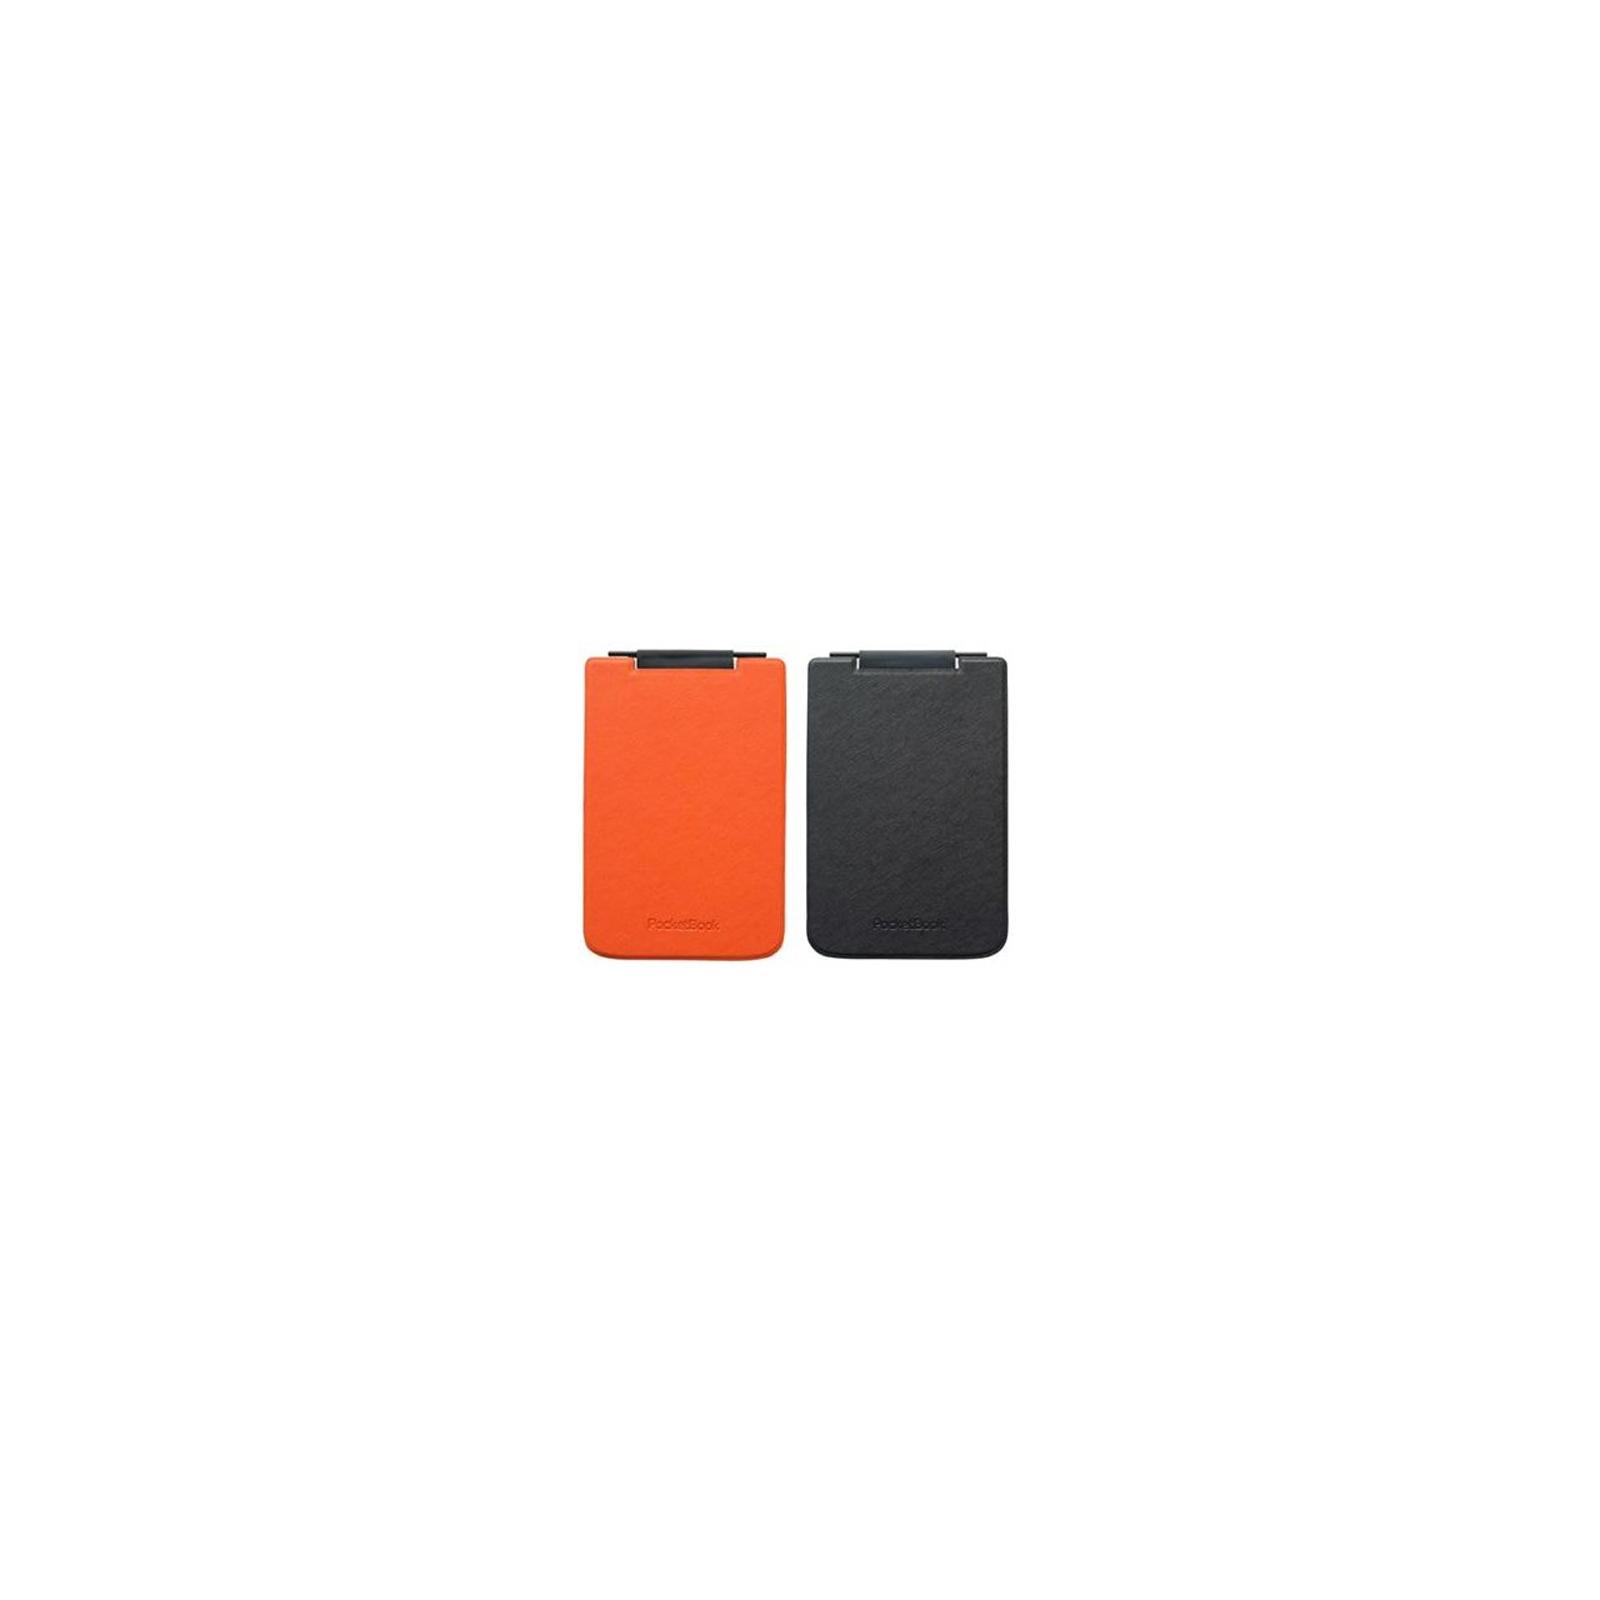 Чехол для электронной книги PocketBook PB624 Flip orange/black (PBPUC-624-ORBC-RD) изображение 2